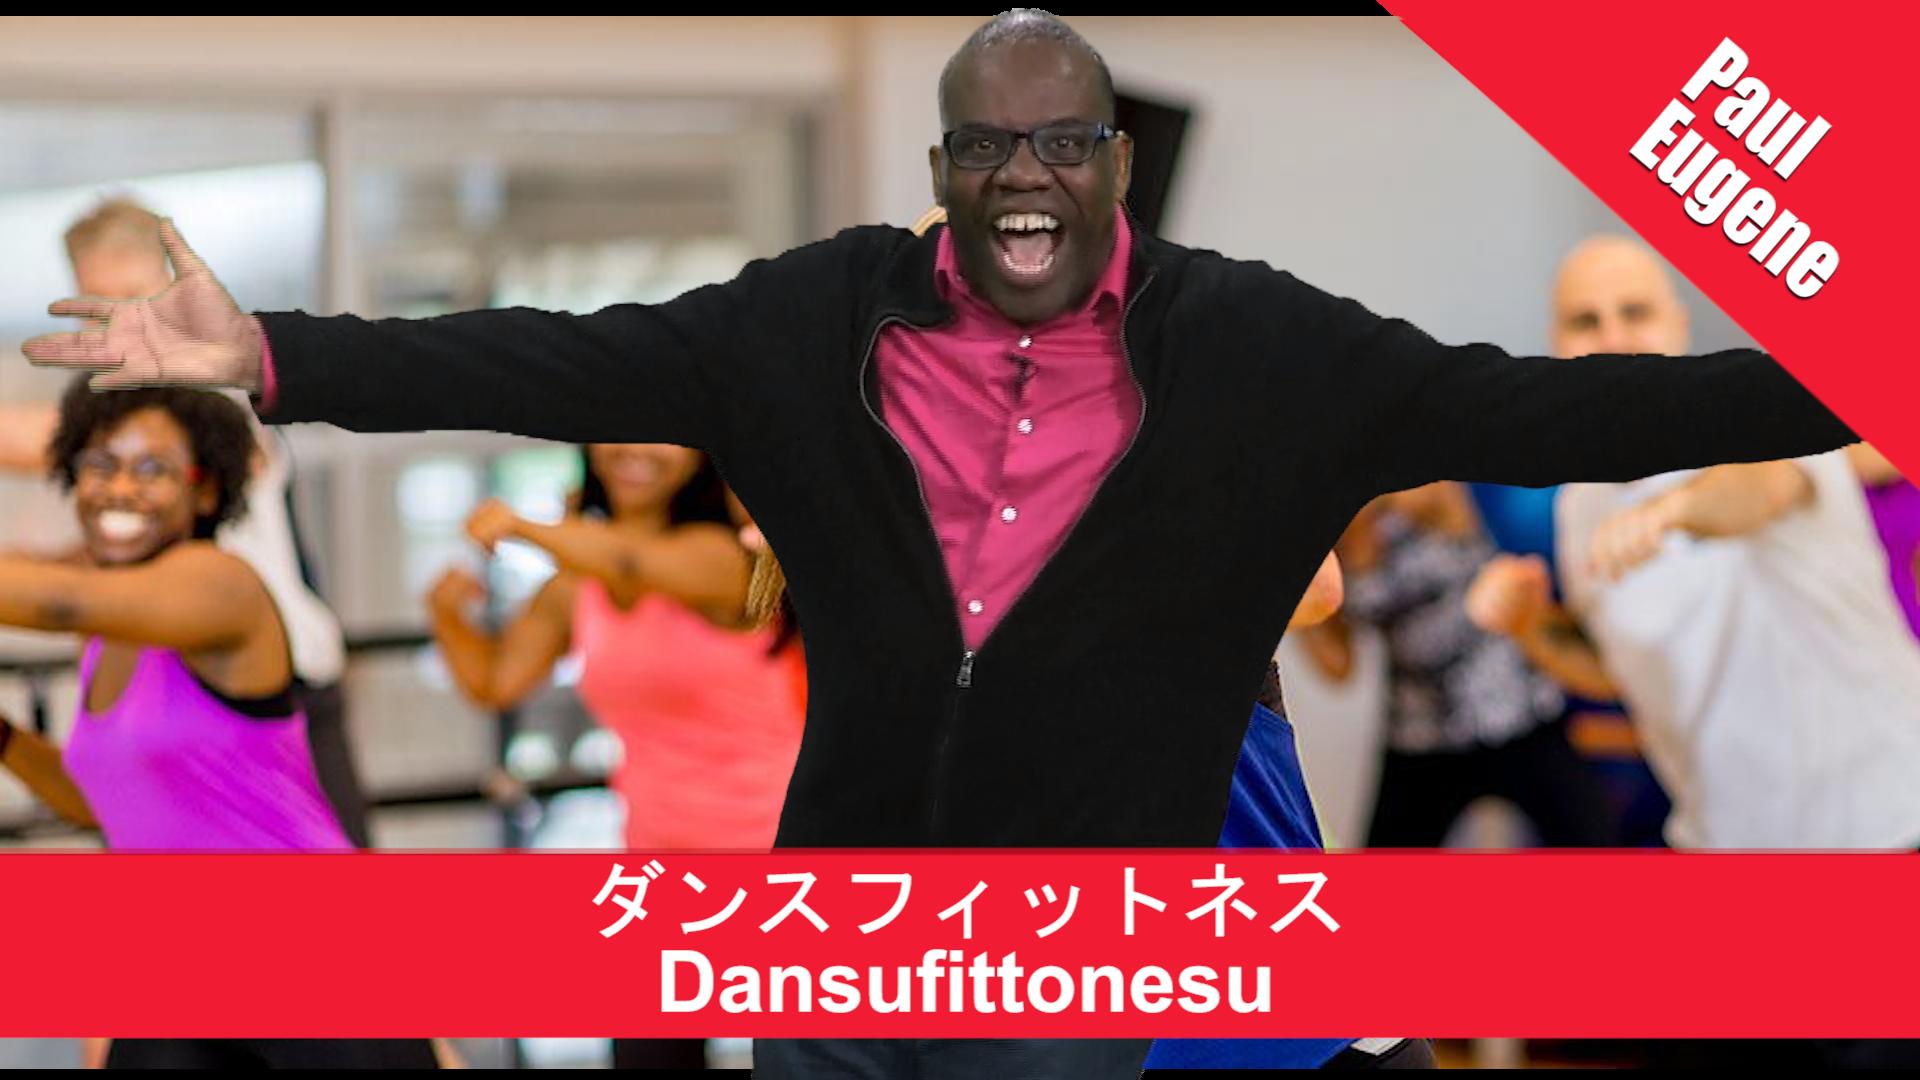 ダンスフィットネス Dansufittonesu